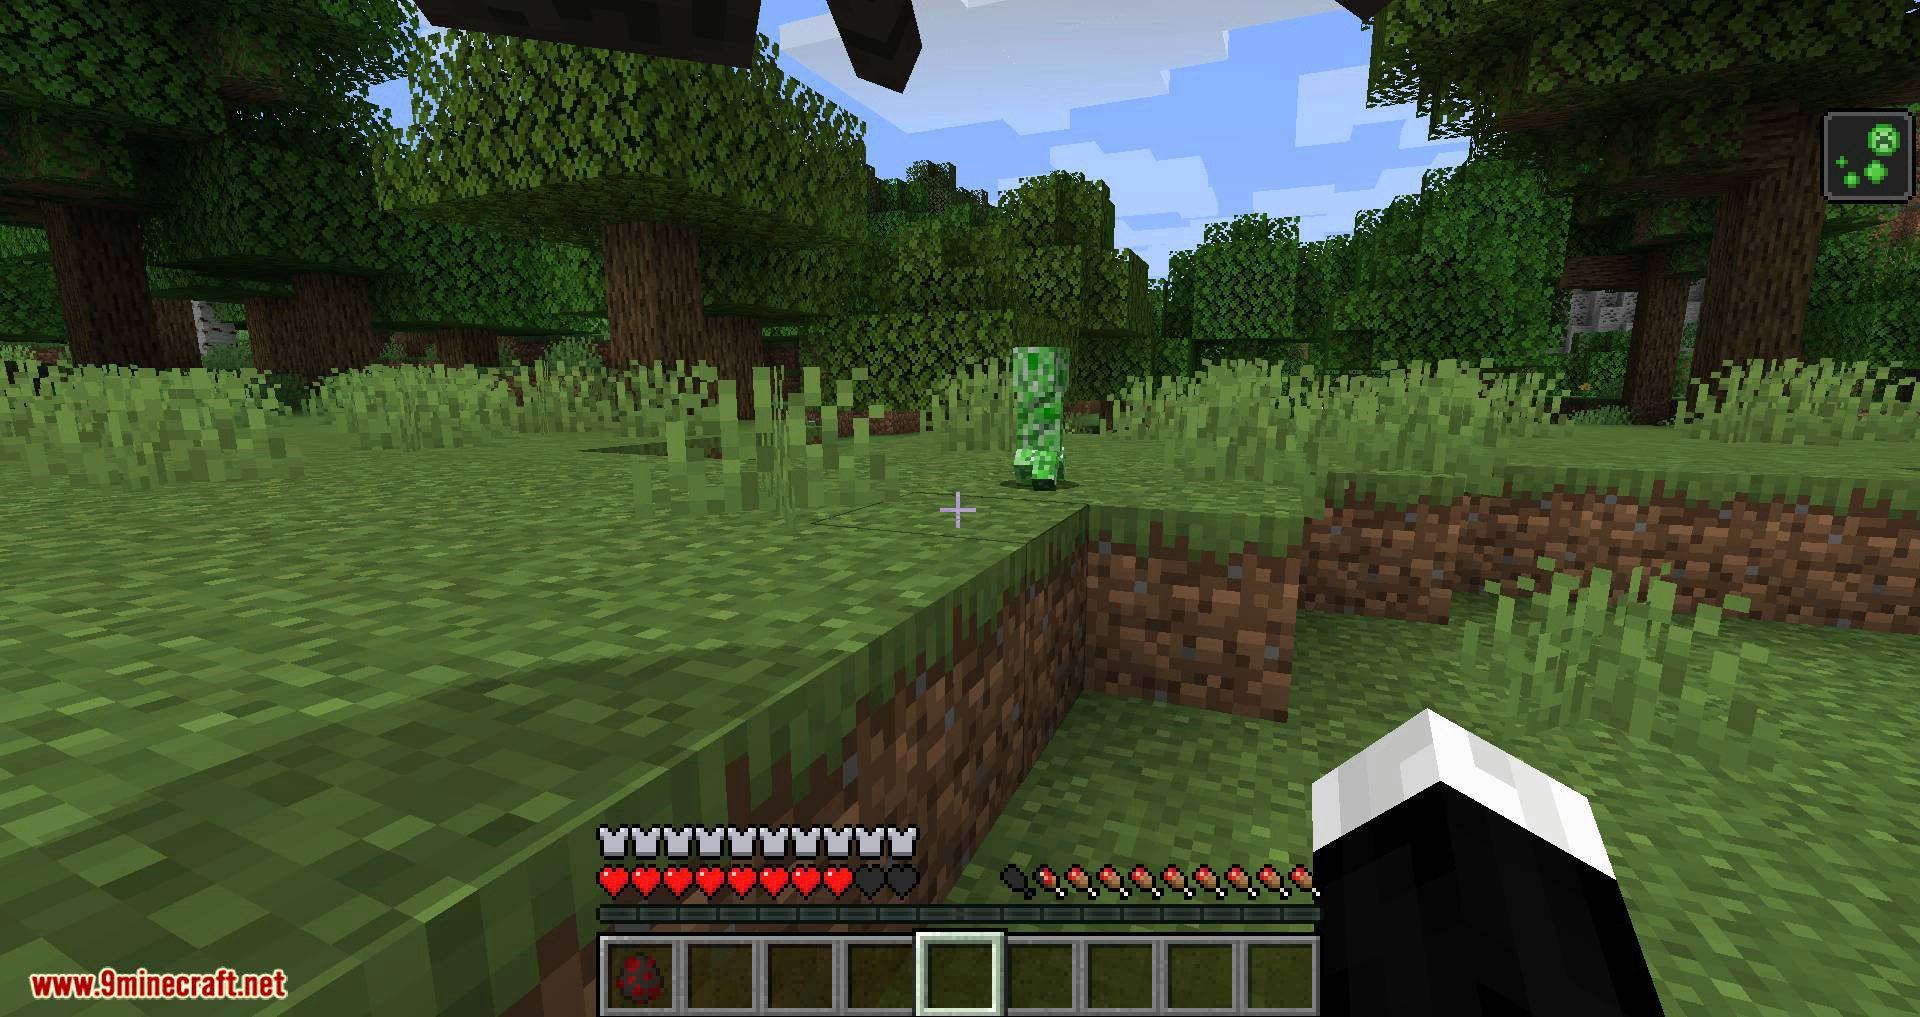 Creeper Spores mod for minecraft 07